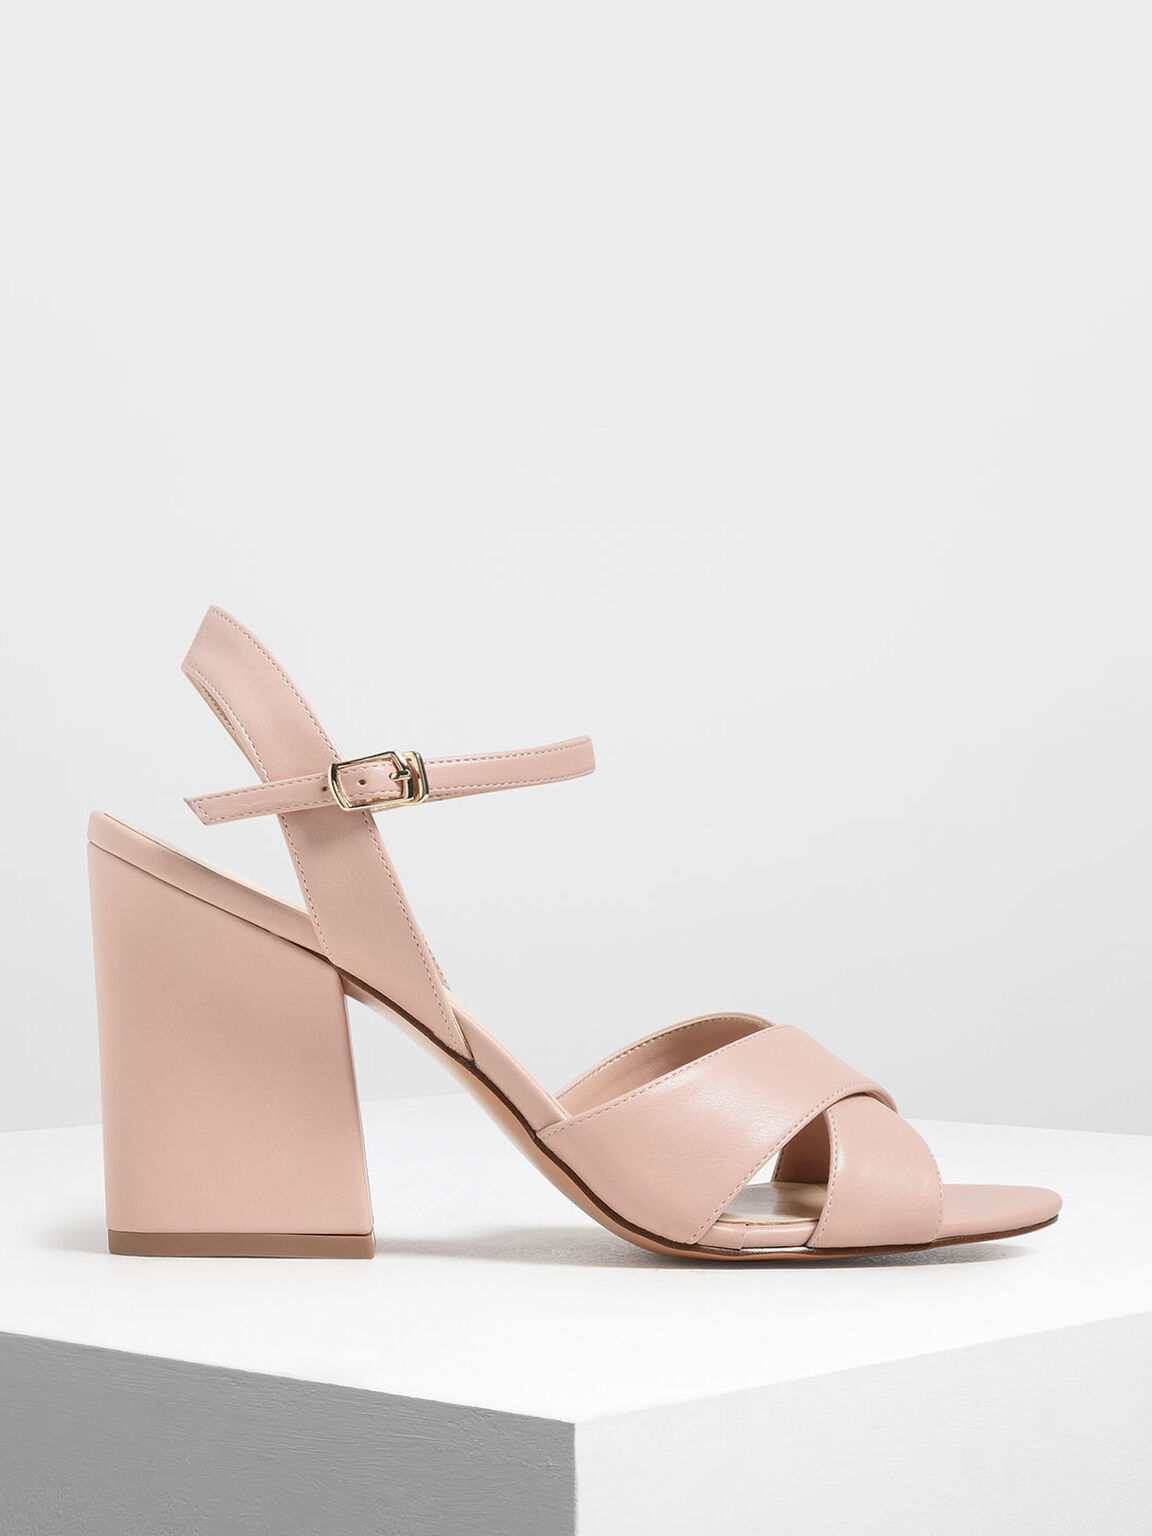 Criss Cross Block Heel Sandals, Blush, hi-res